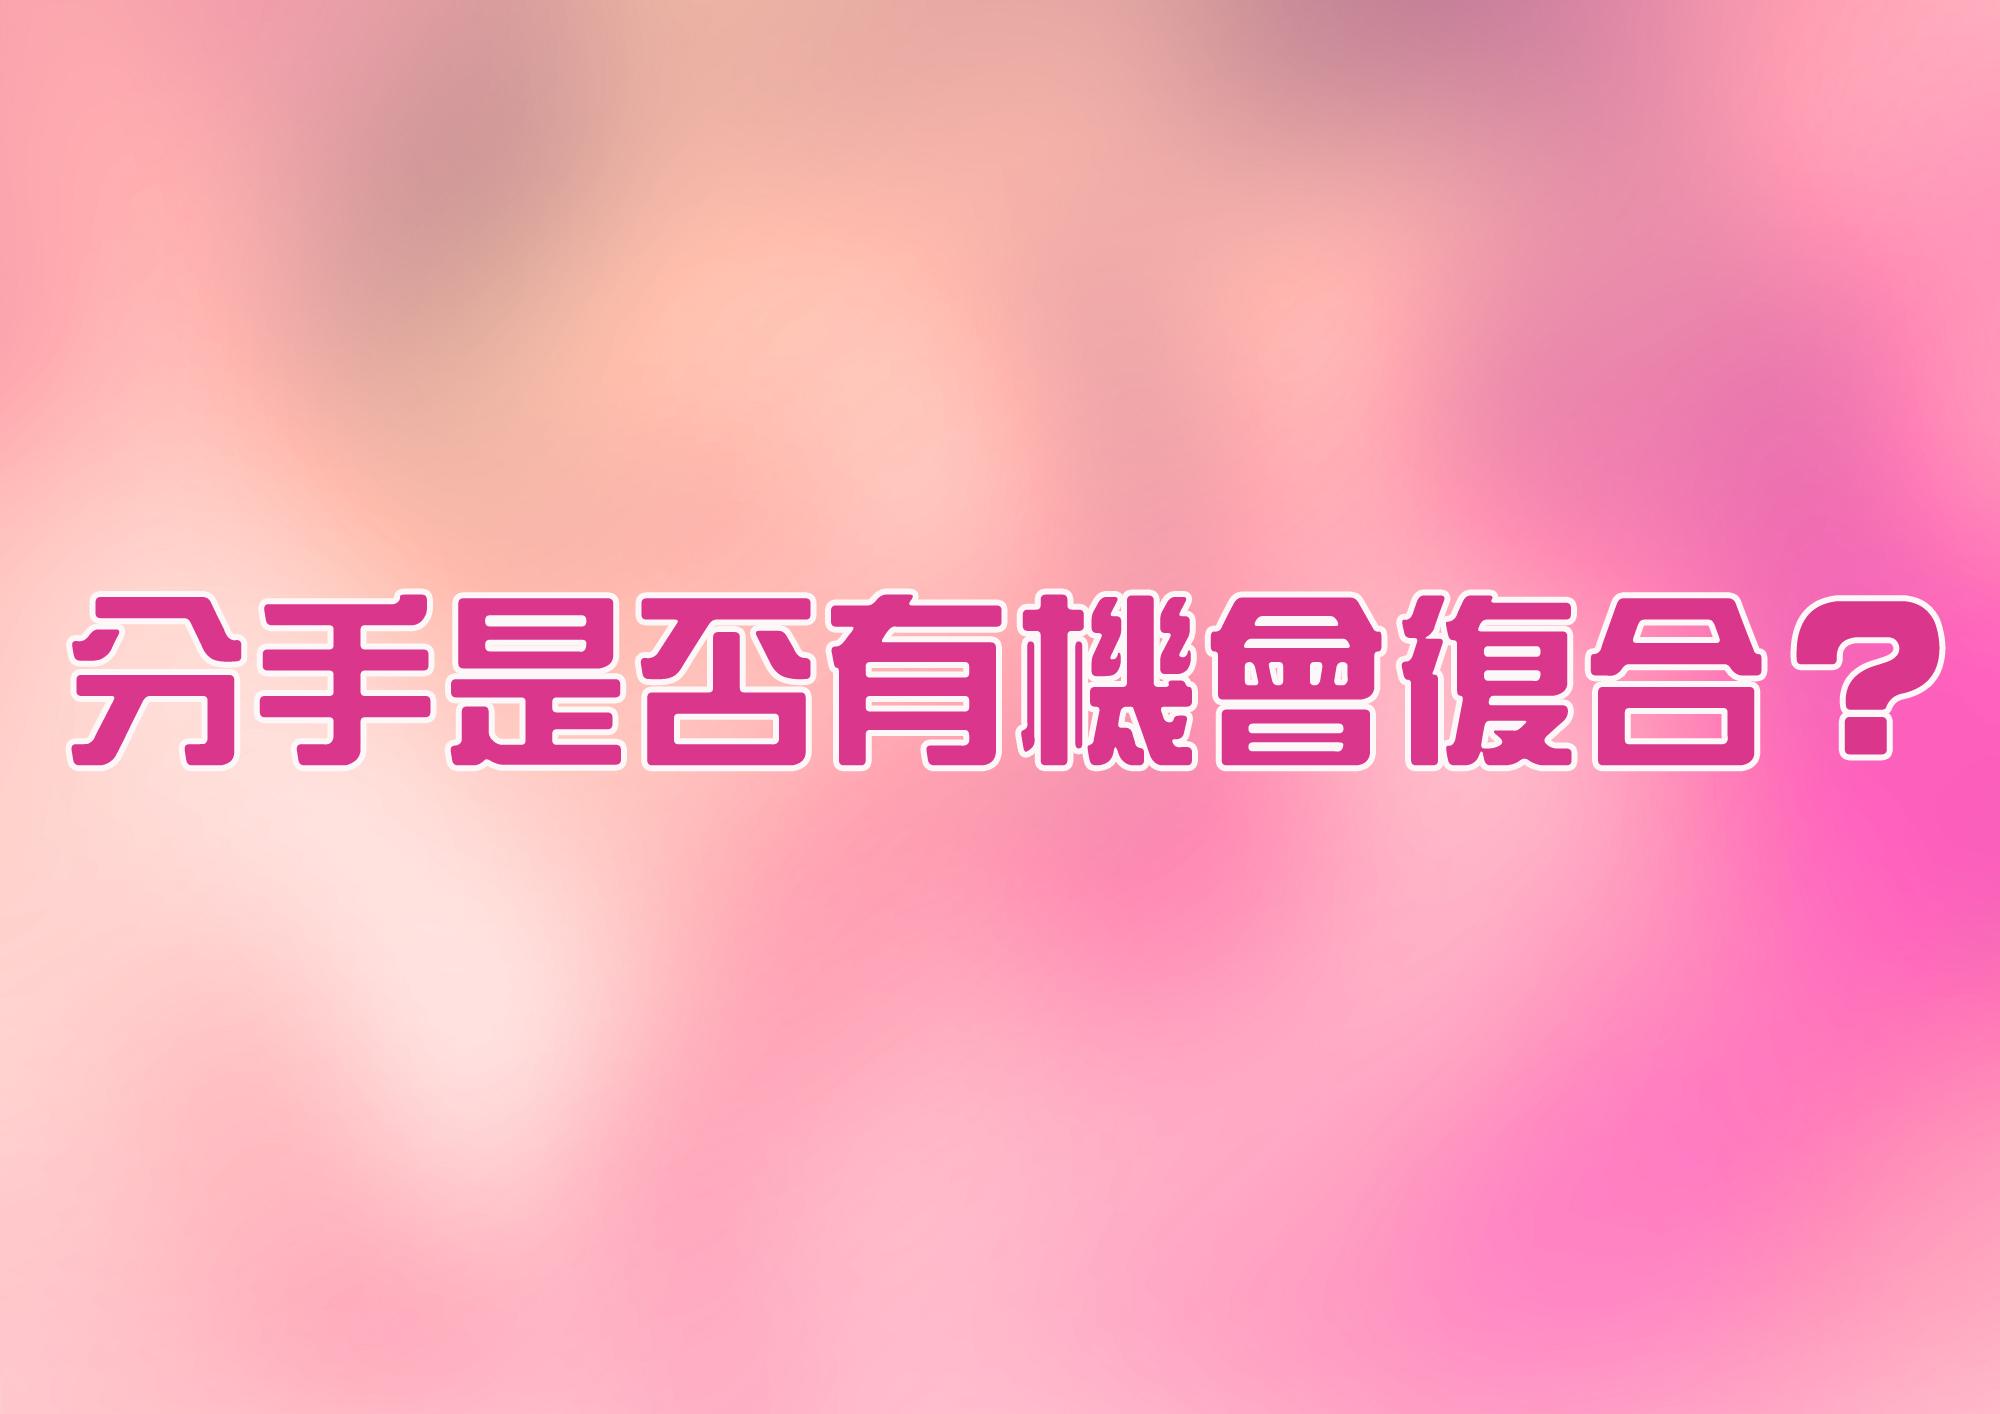 「分手想問是否有機會復合?」 主題式占卜 Duo天使塔羅占卜 - 20191216200056-266445317.jpg(圖)